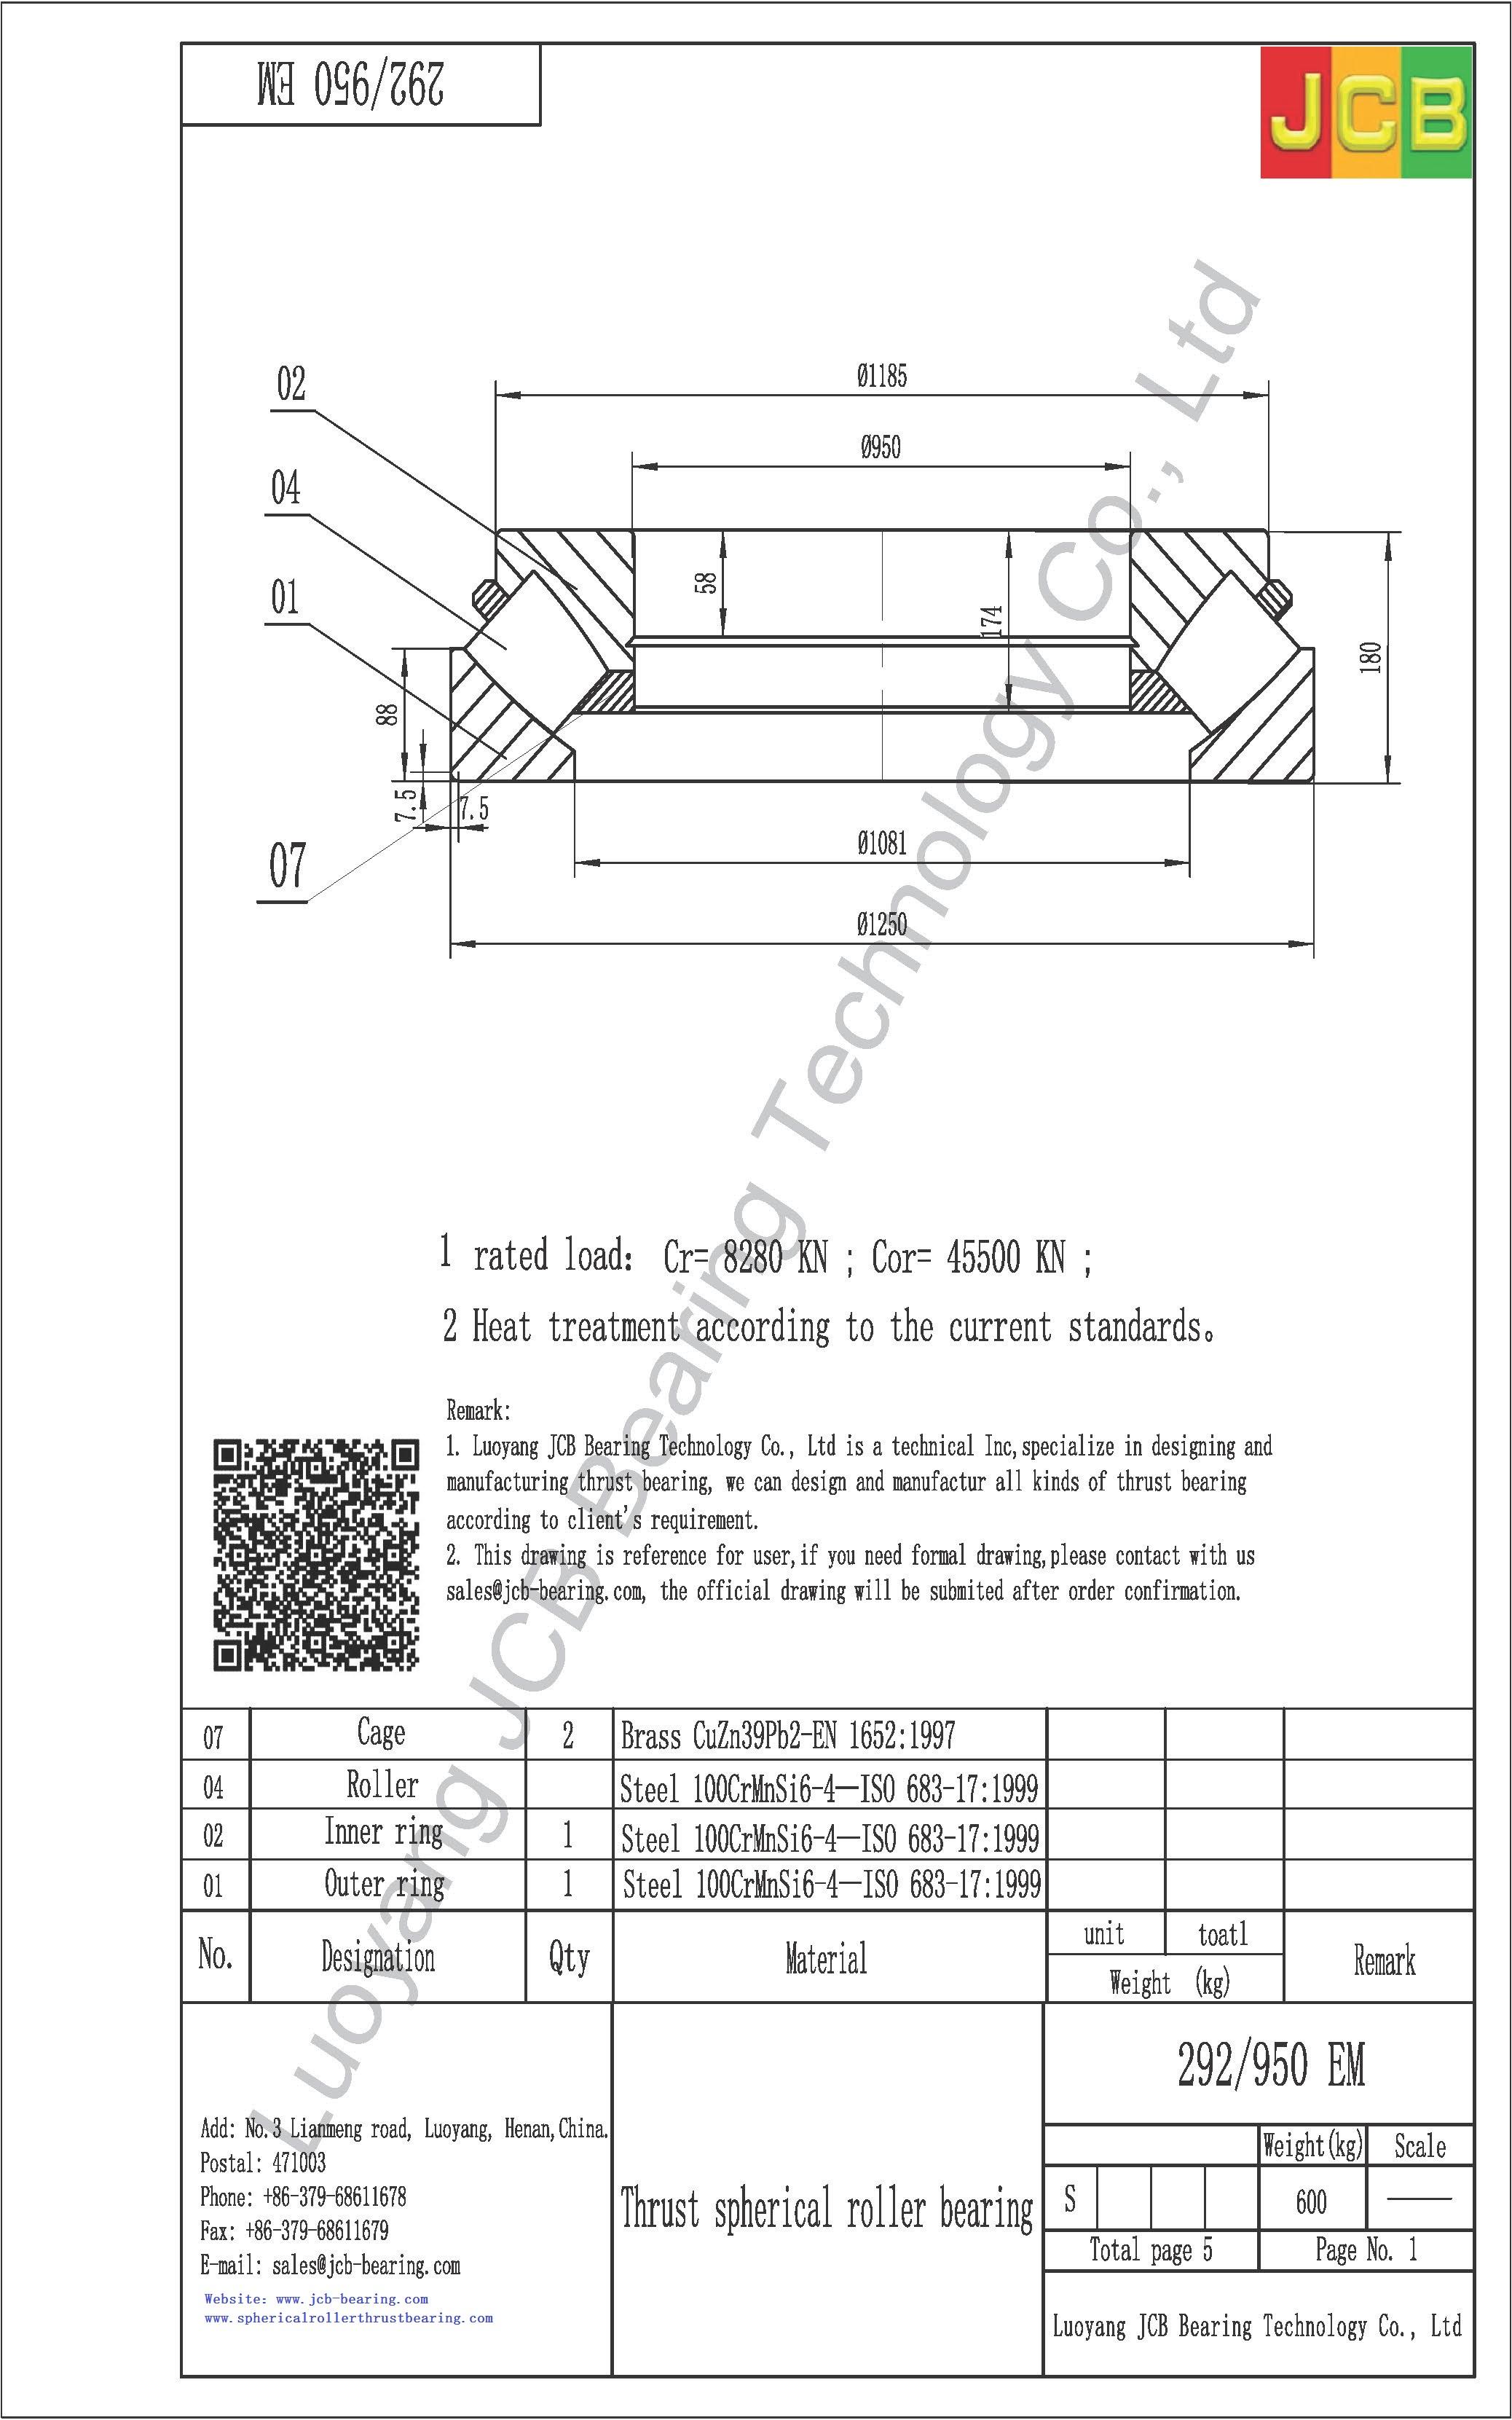 292/950 EM spherical roller thrust bearing